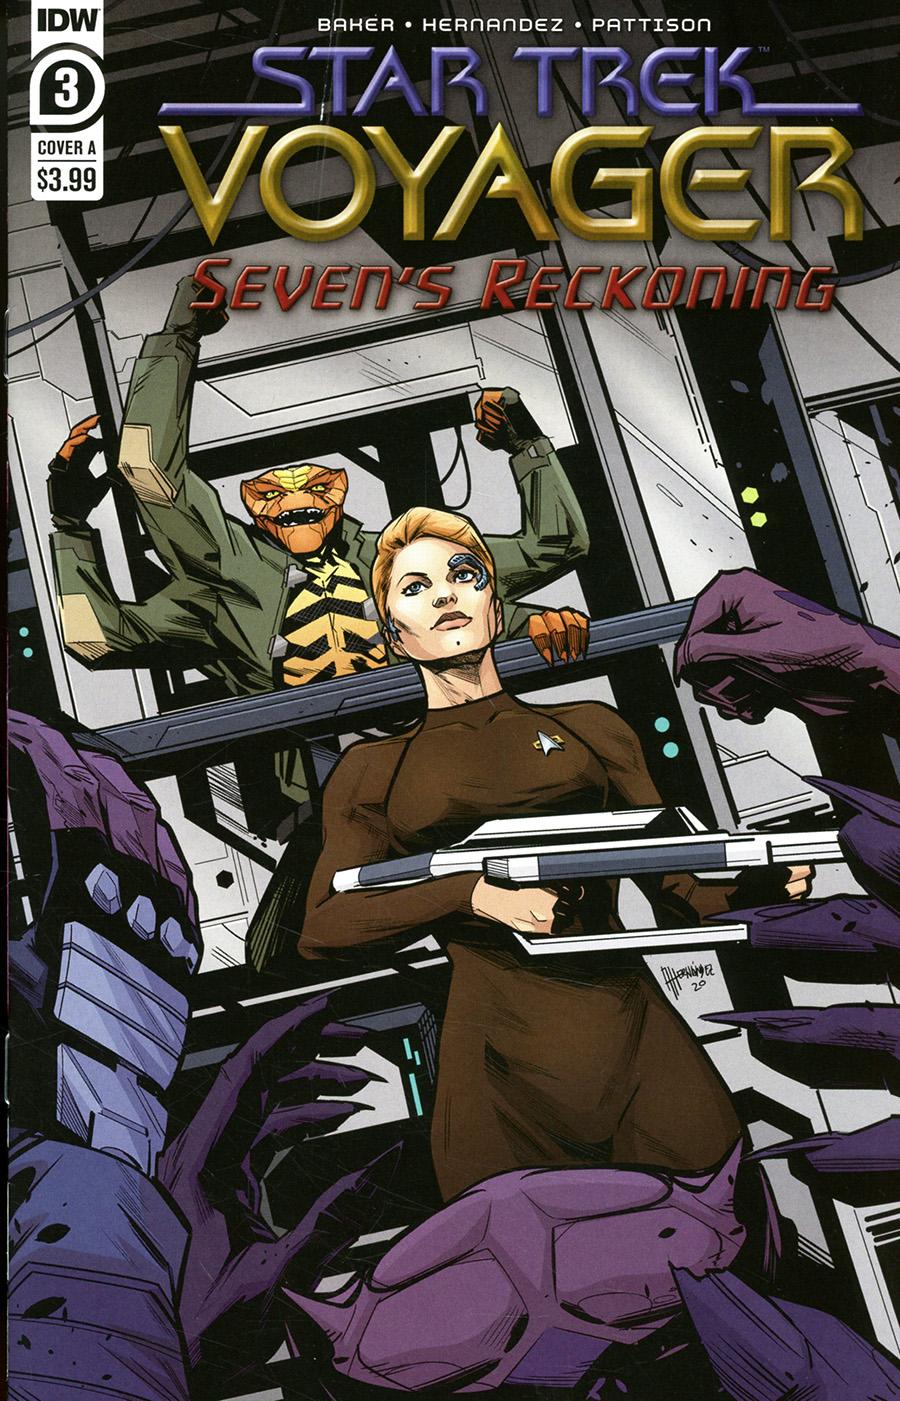 Star Trek Voyager Sevens Reckoning #3 Cover A Regular Angel Hernandez Cover